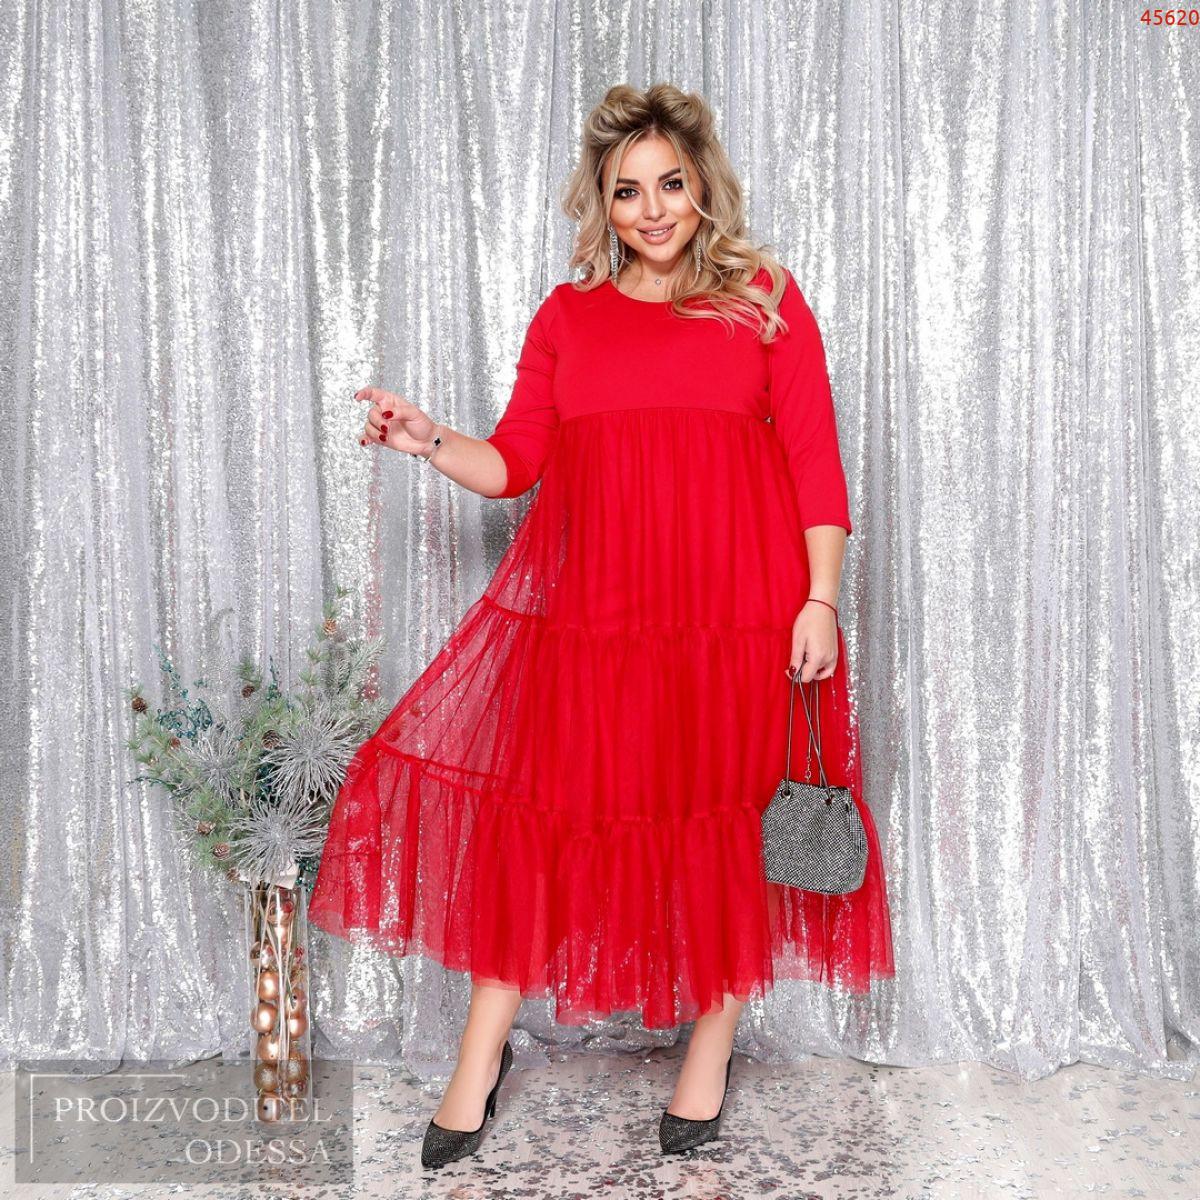 Платье №45620